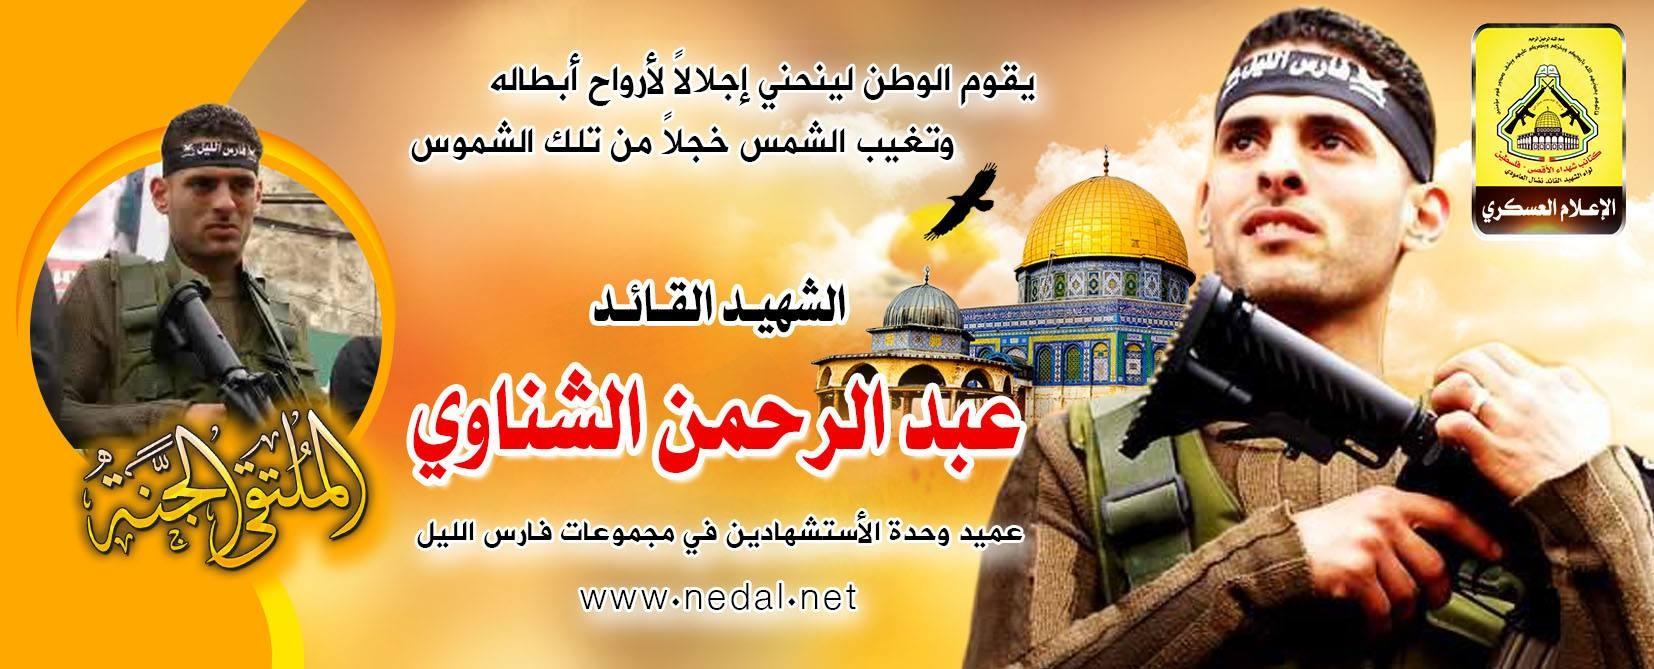 """الشهيد القائد """" عبد الرحمن الشناوى """" عميد وحدة الإستشهاديين"""